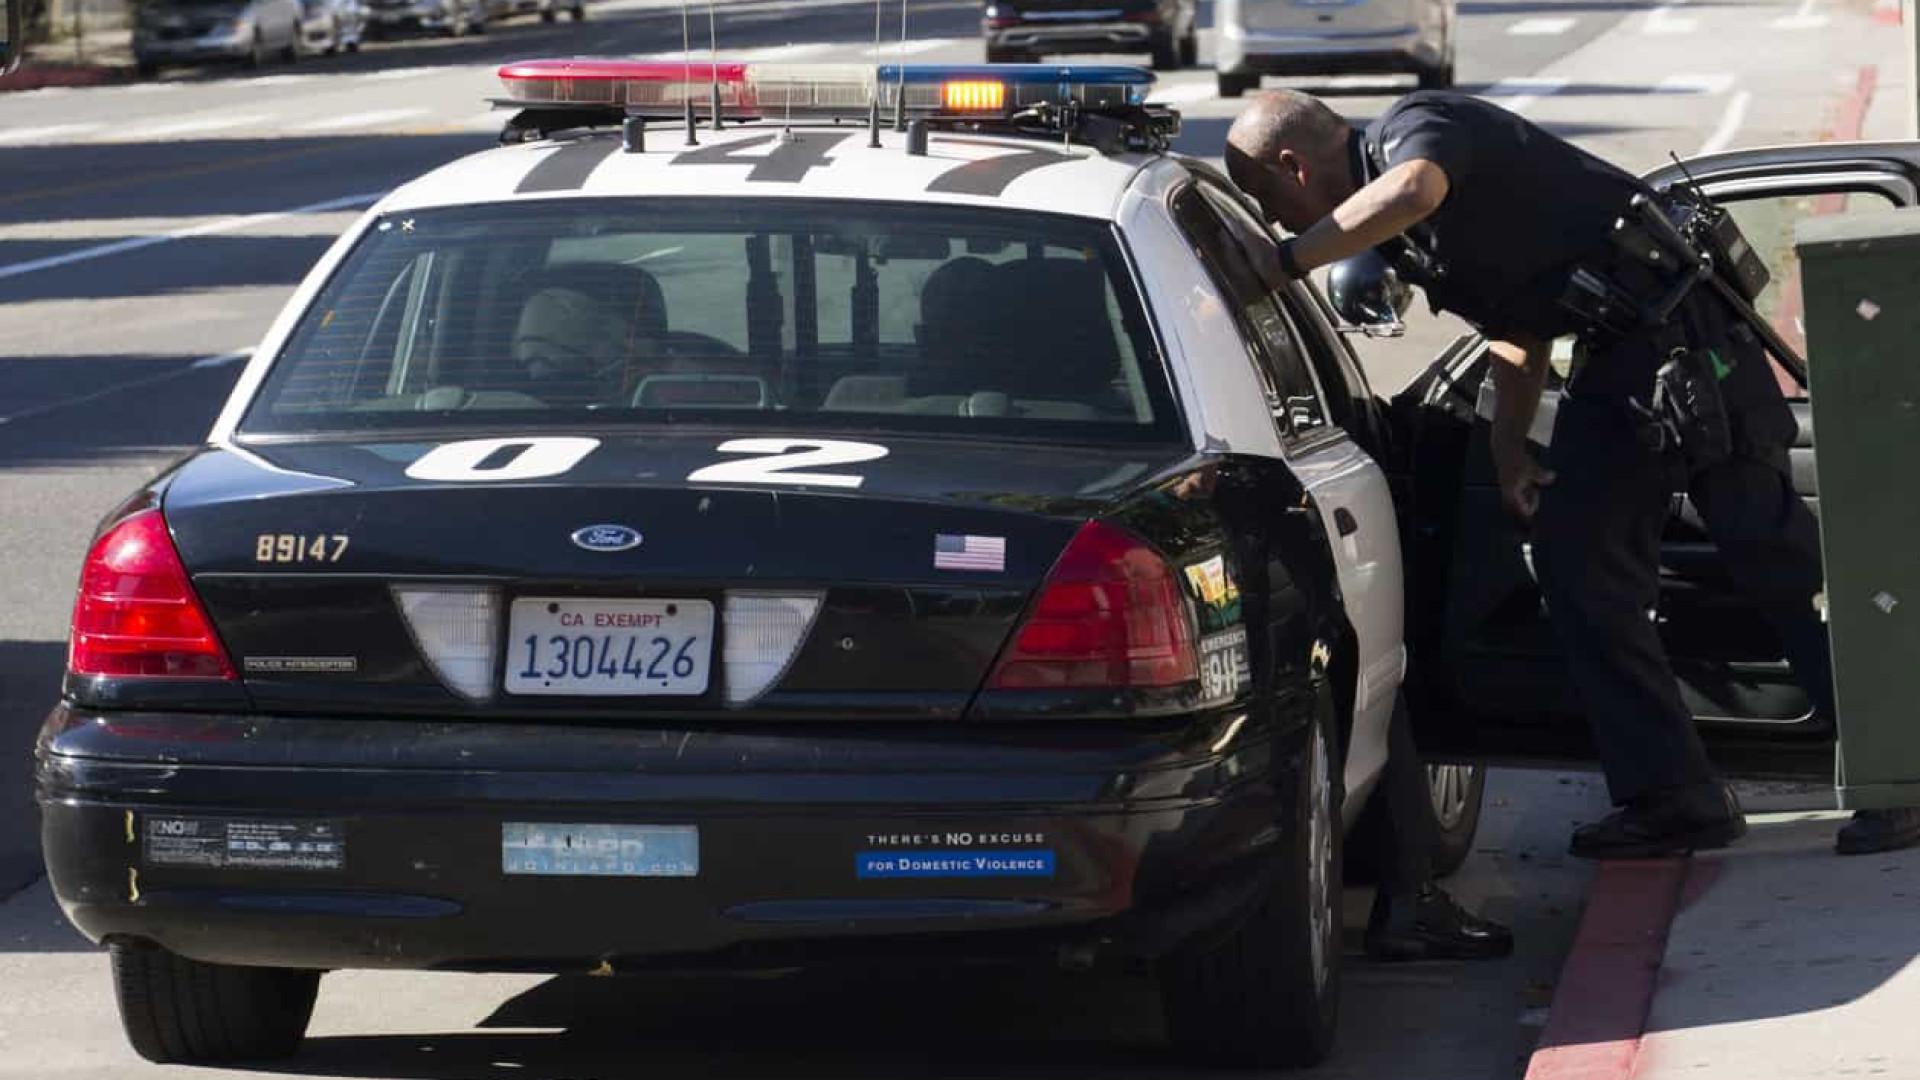 Policial poderá ser preso nos EUA por cariciar cadáver de mulher